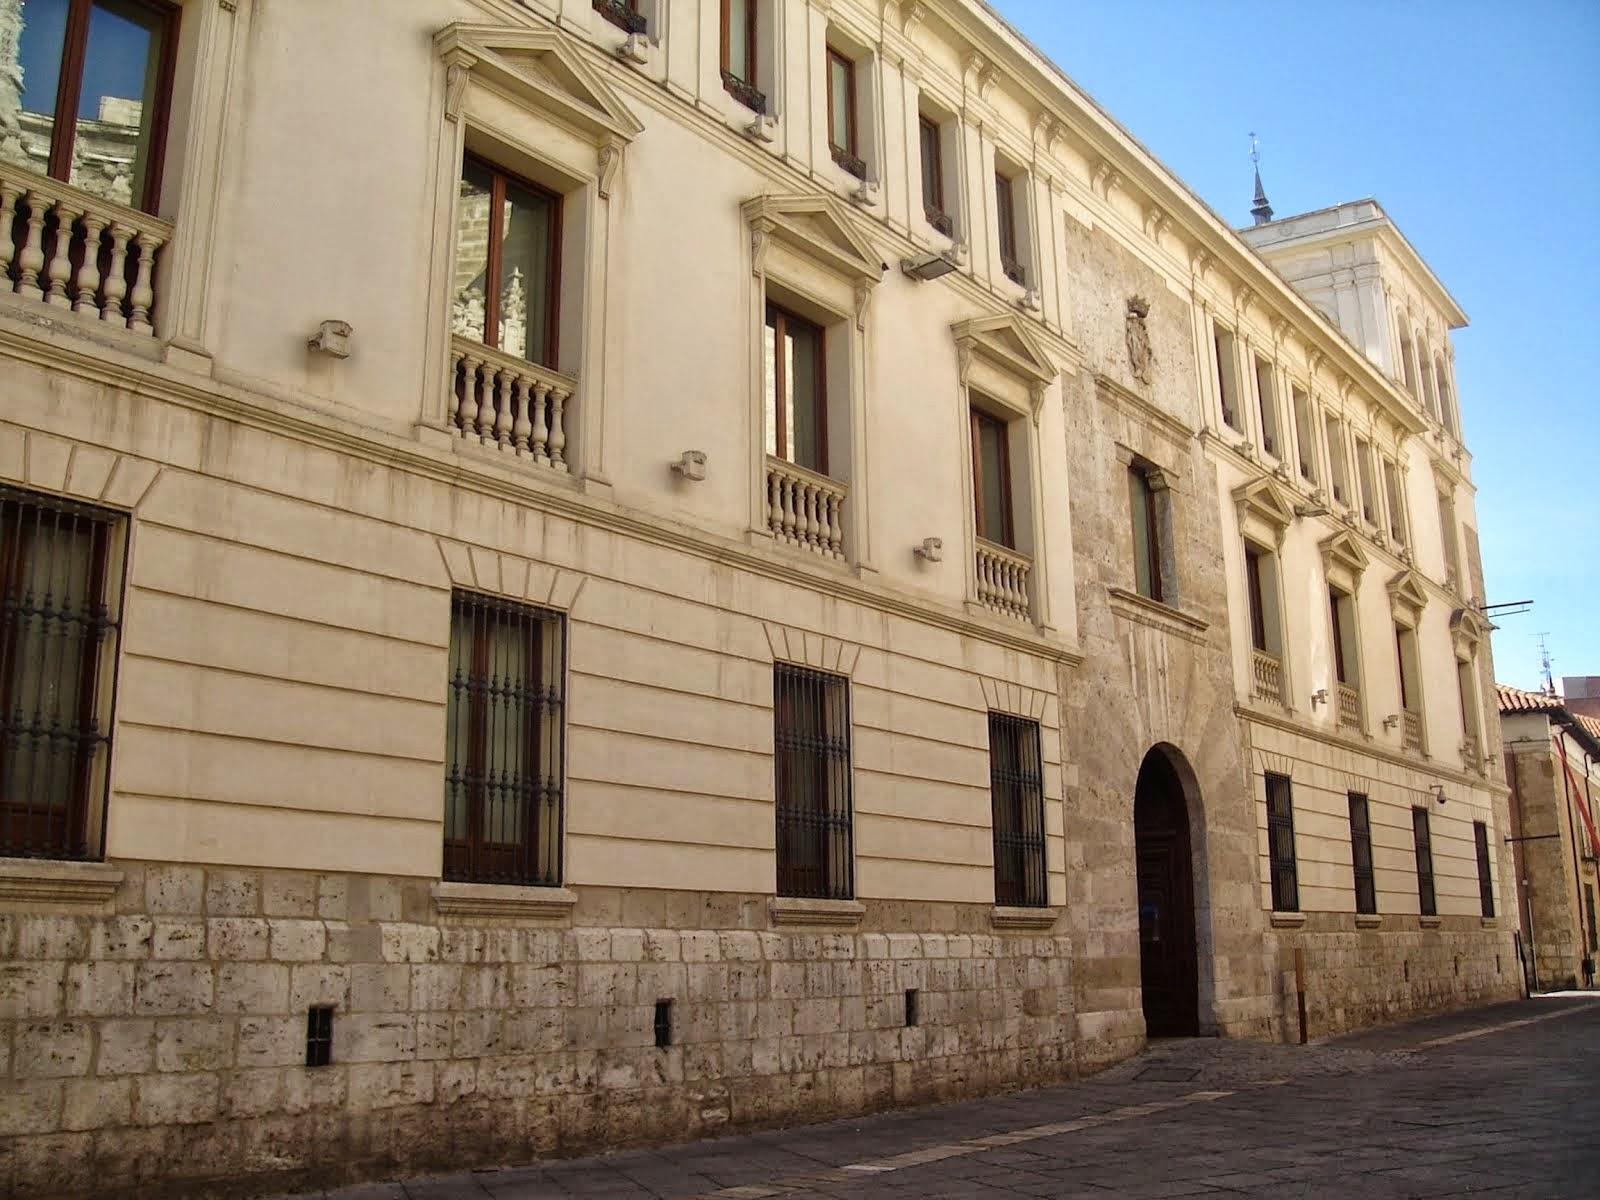 Buscando Montsalvatge: VALLADOLID. Palacio del Marqués de Villena